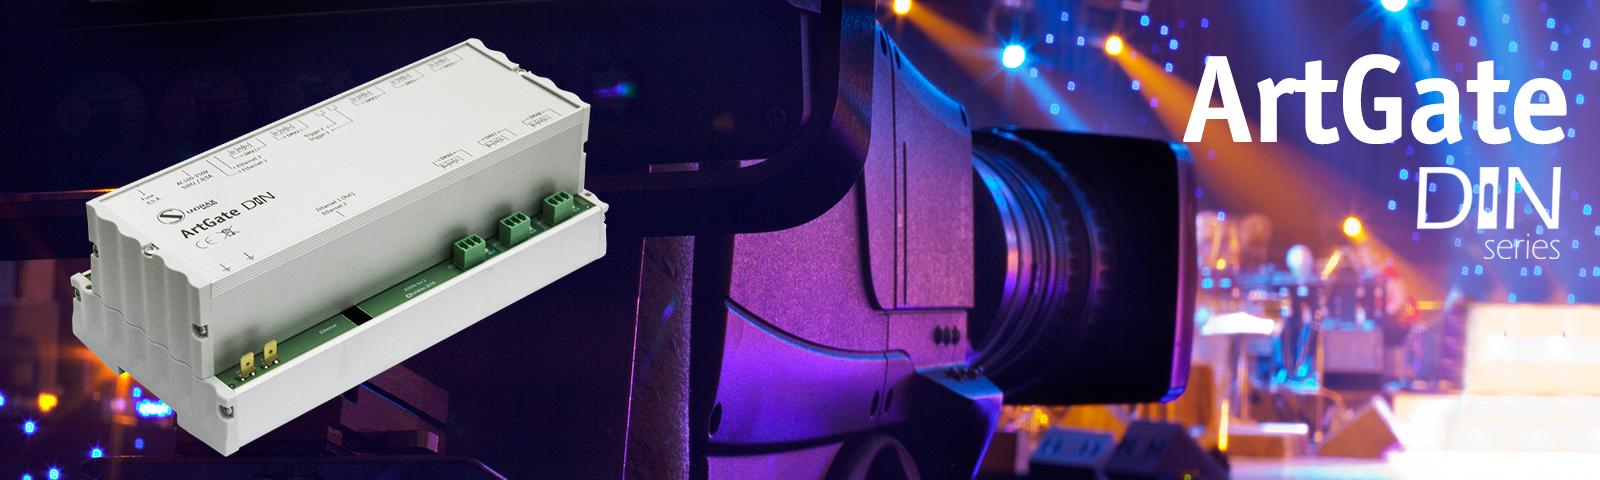 DIN-montierter DMX-Ethernet-Konverter mit 2 Ethernet-Ports und Trigger Inputs